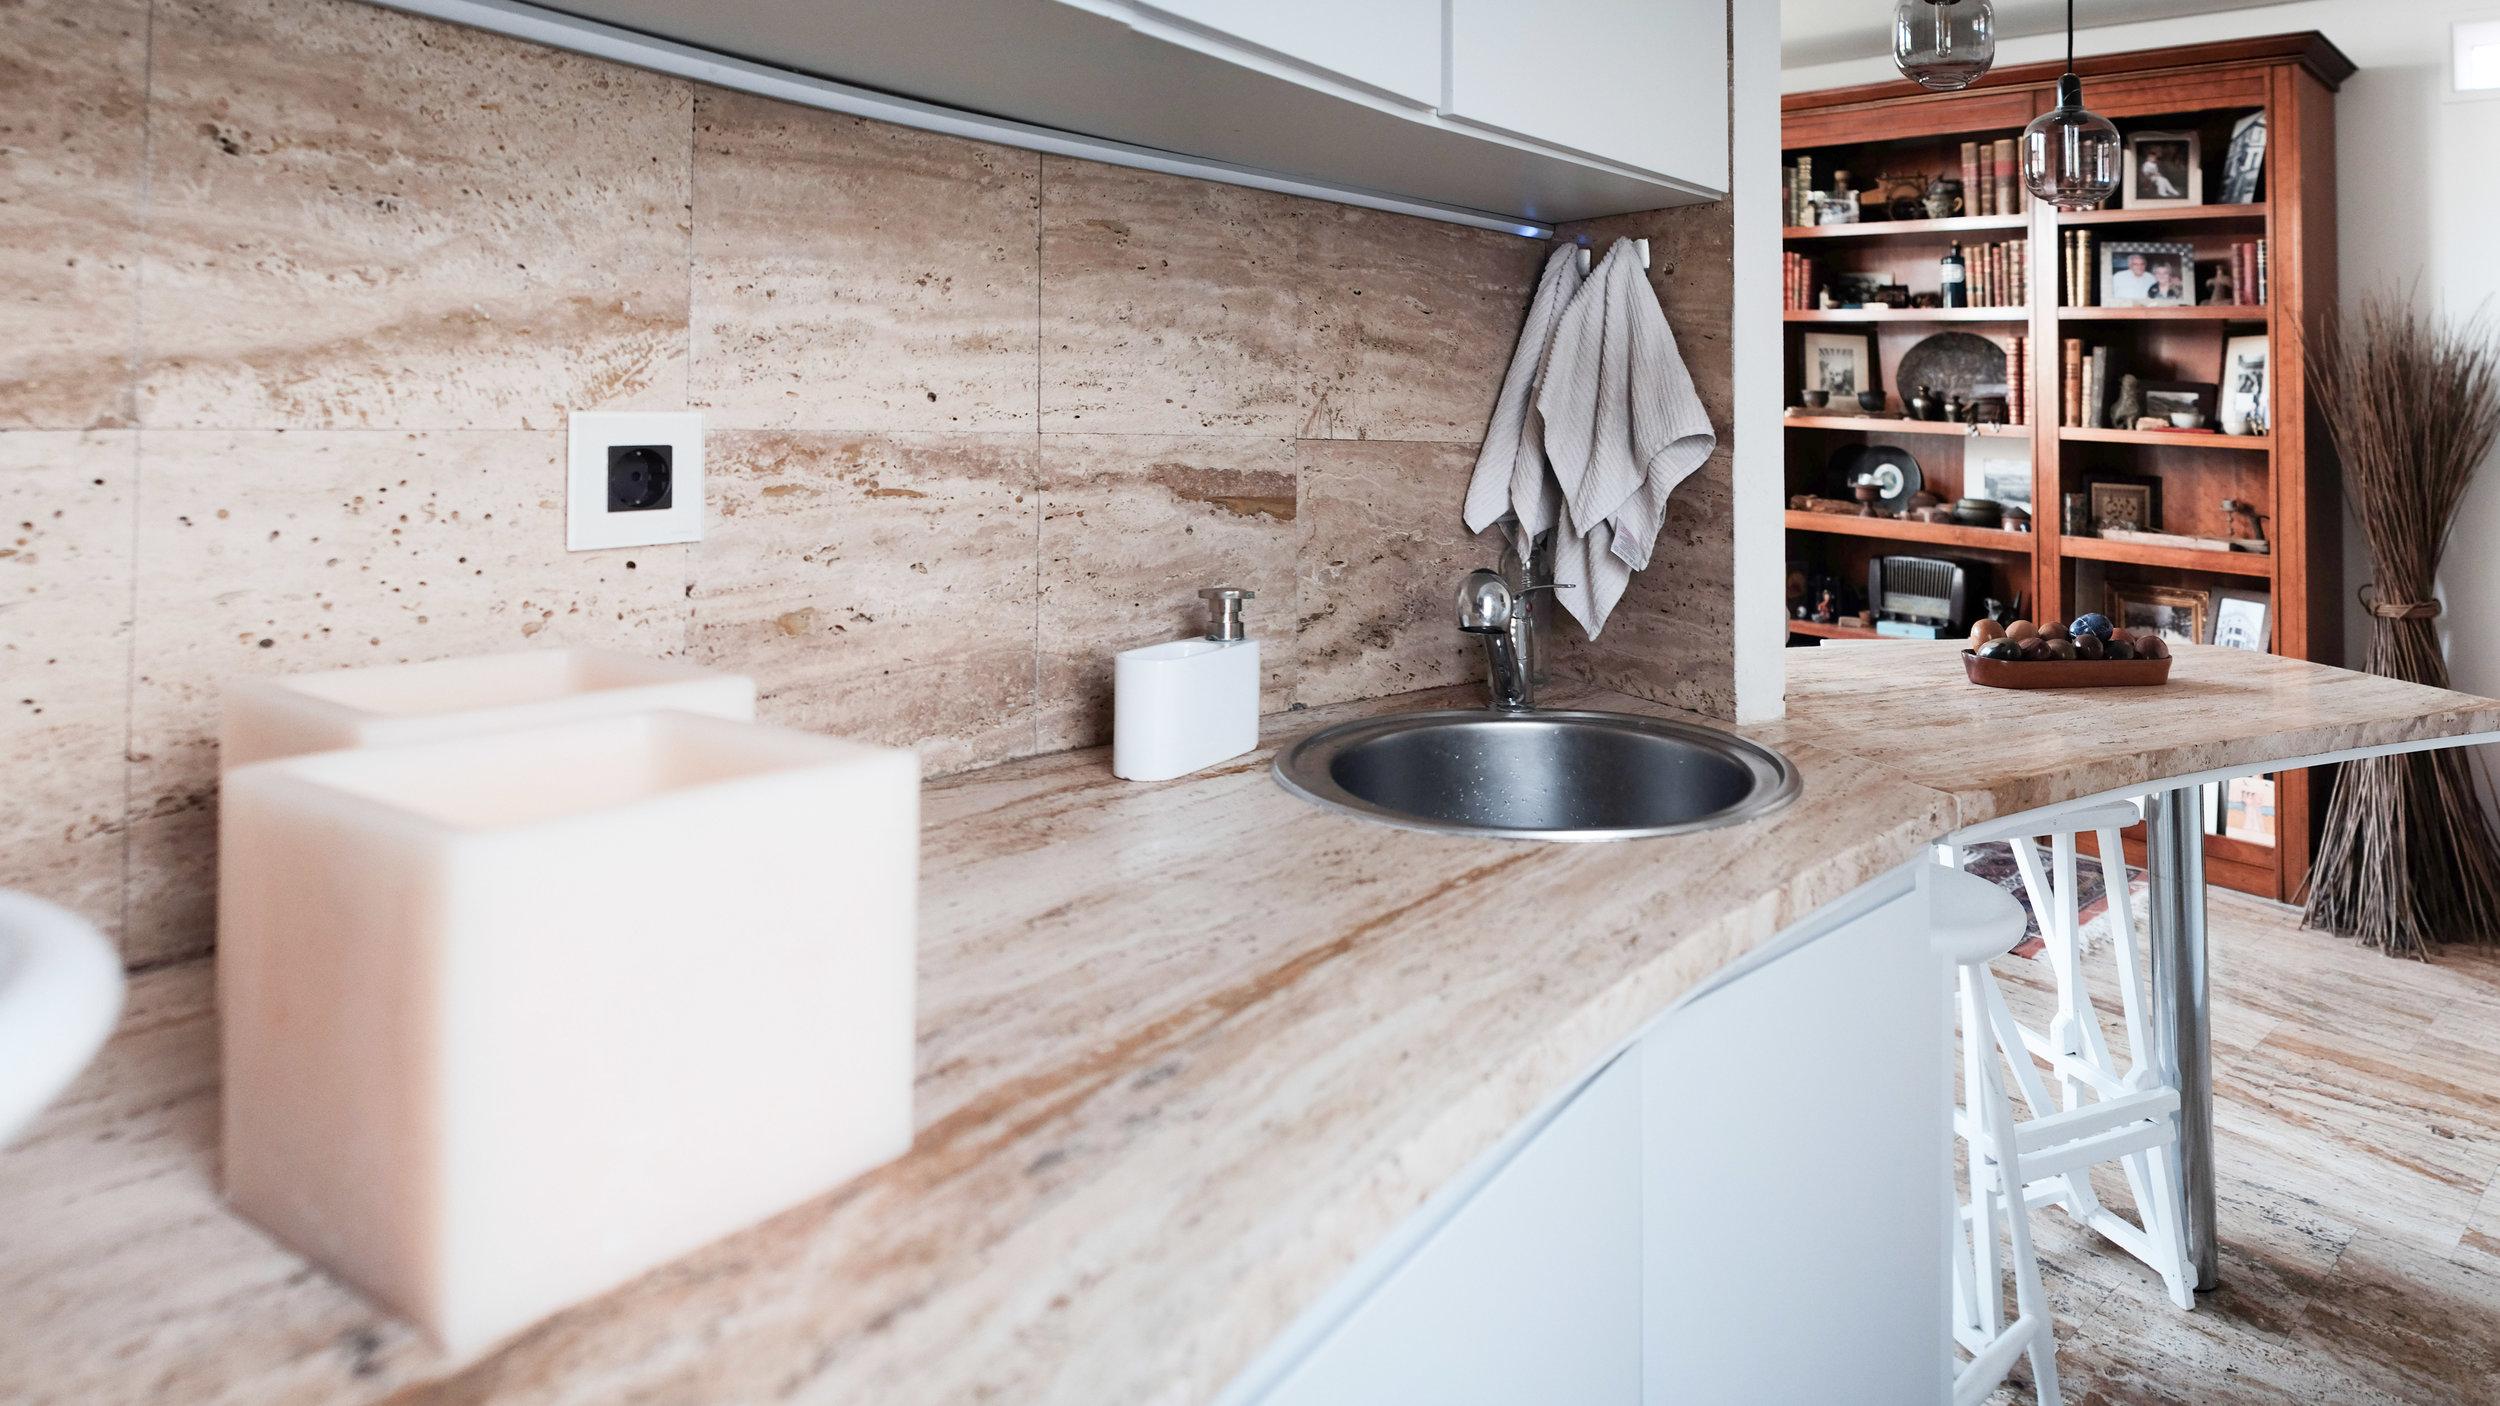 emmme studio reforma cocina curva abierta blanca travertino.jpg